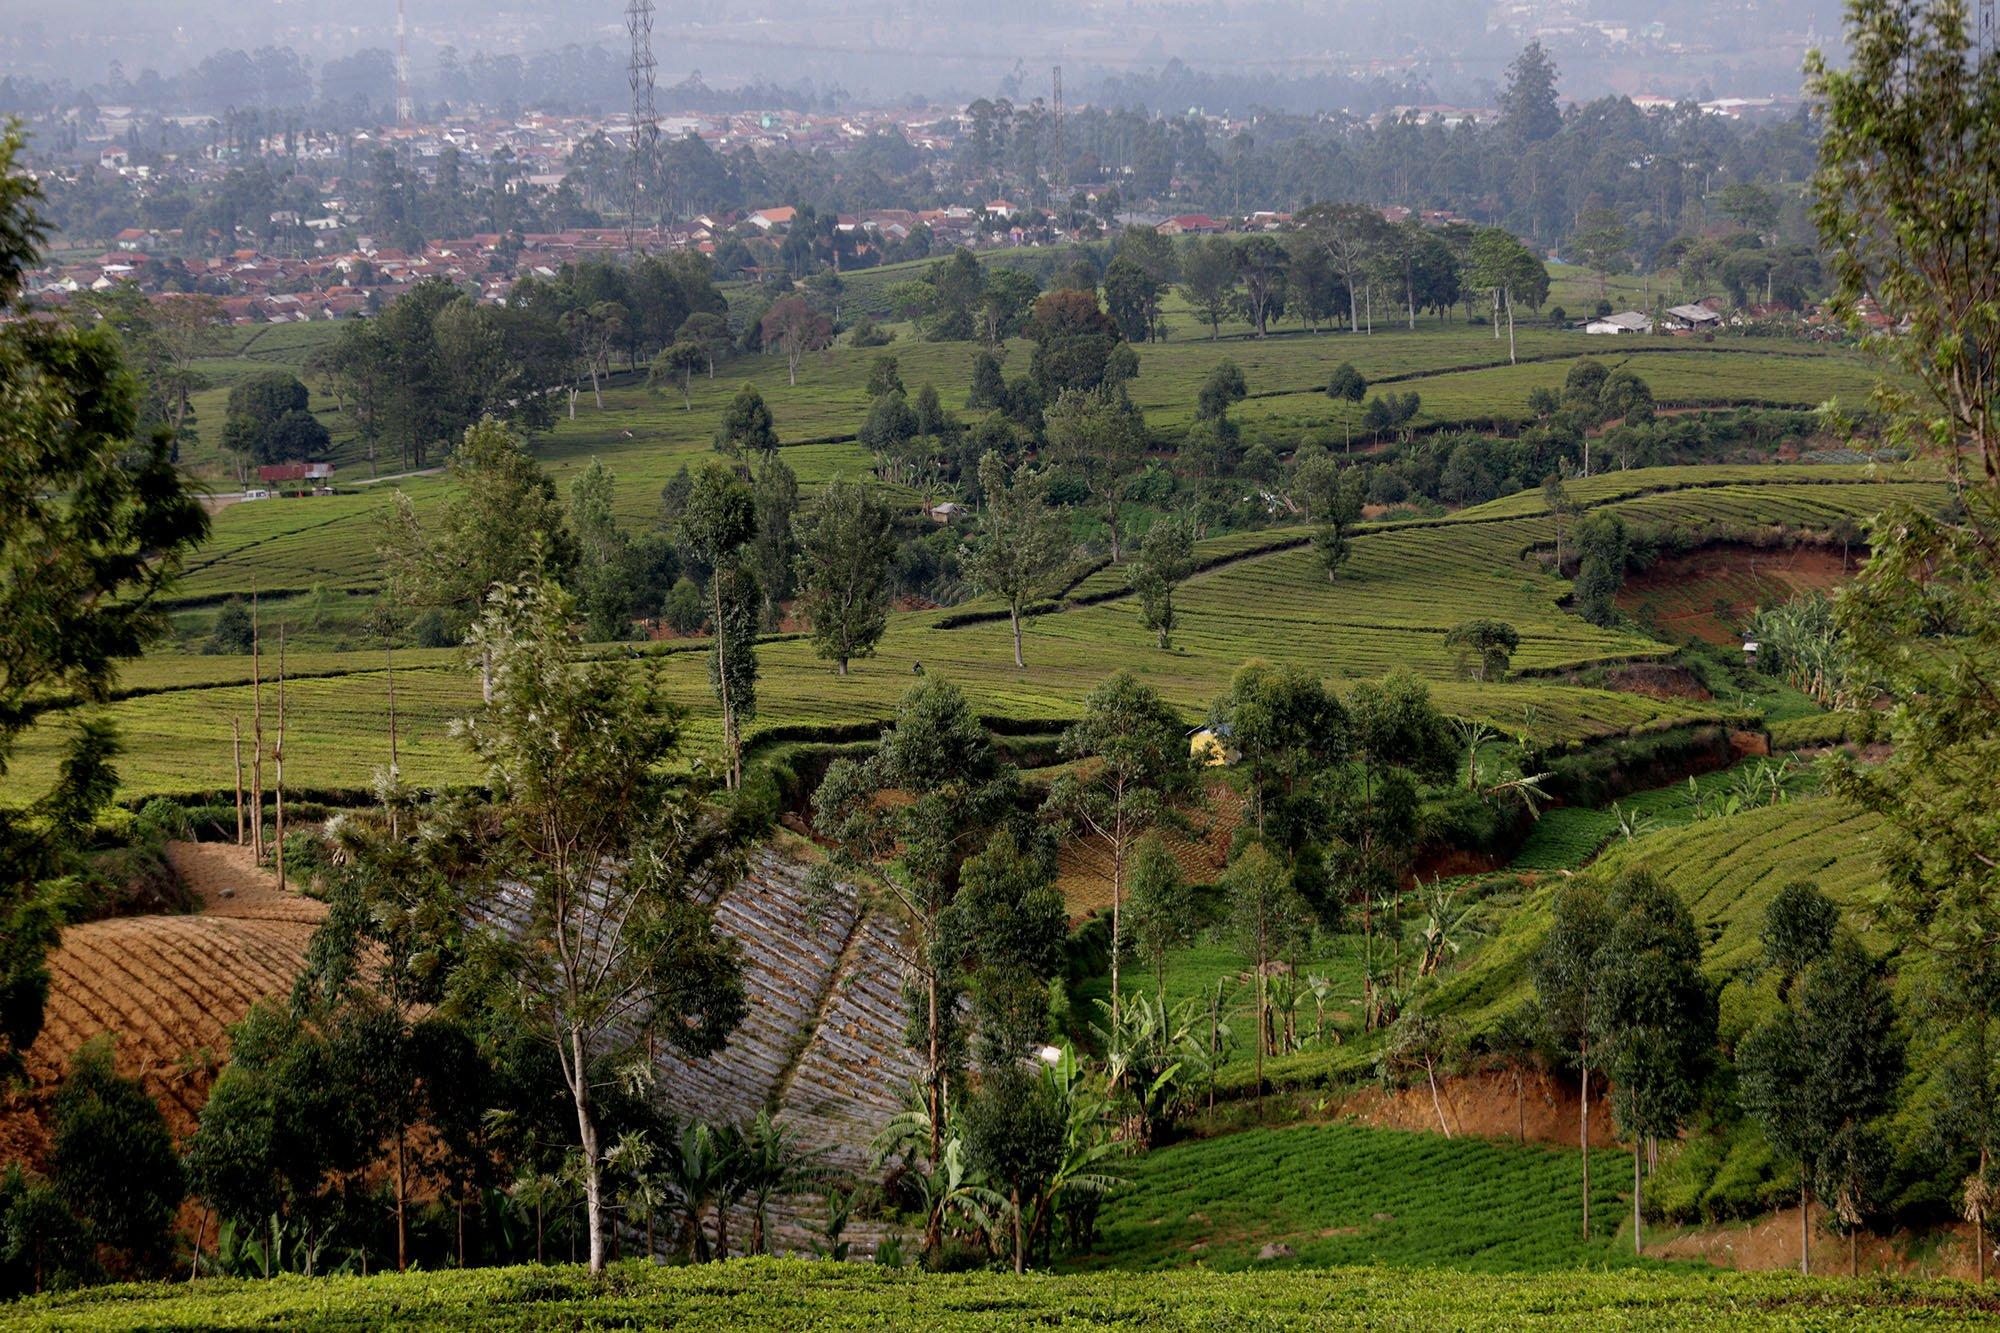 Suasana perkebunan teh dan kopi di pegunungan Malabar, Bandung, Jawa Barat (15/11/2019).